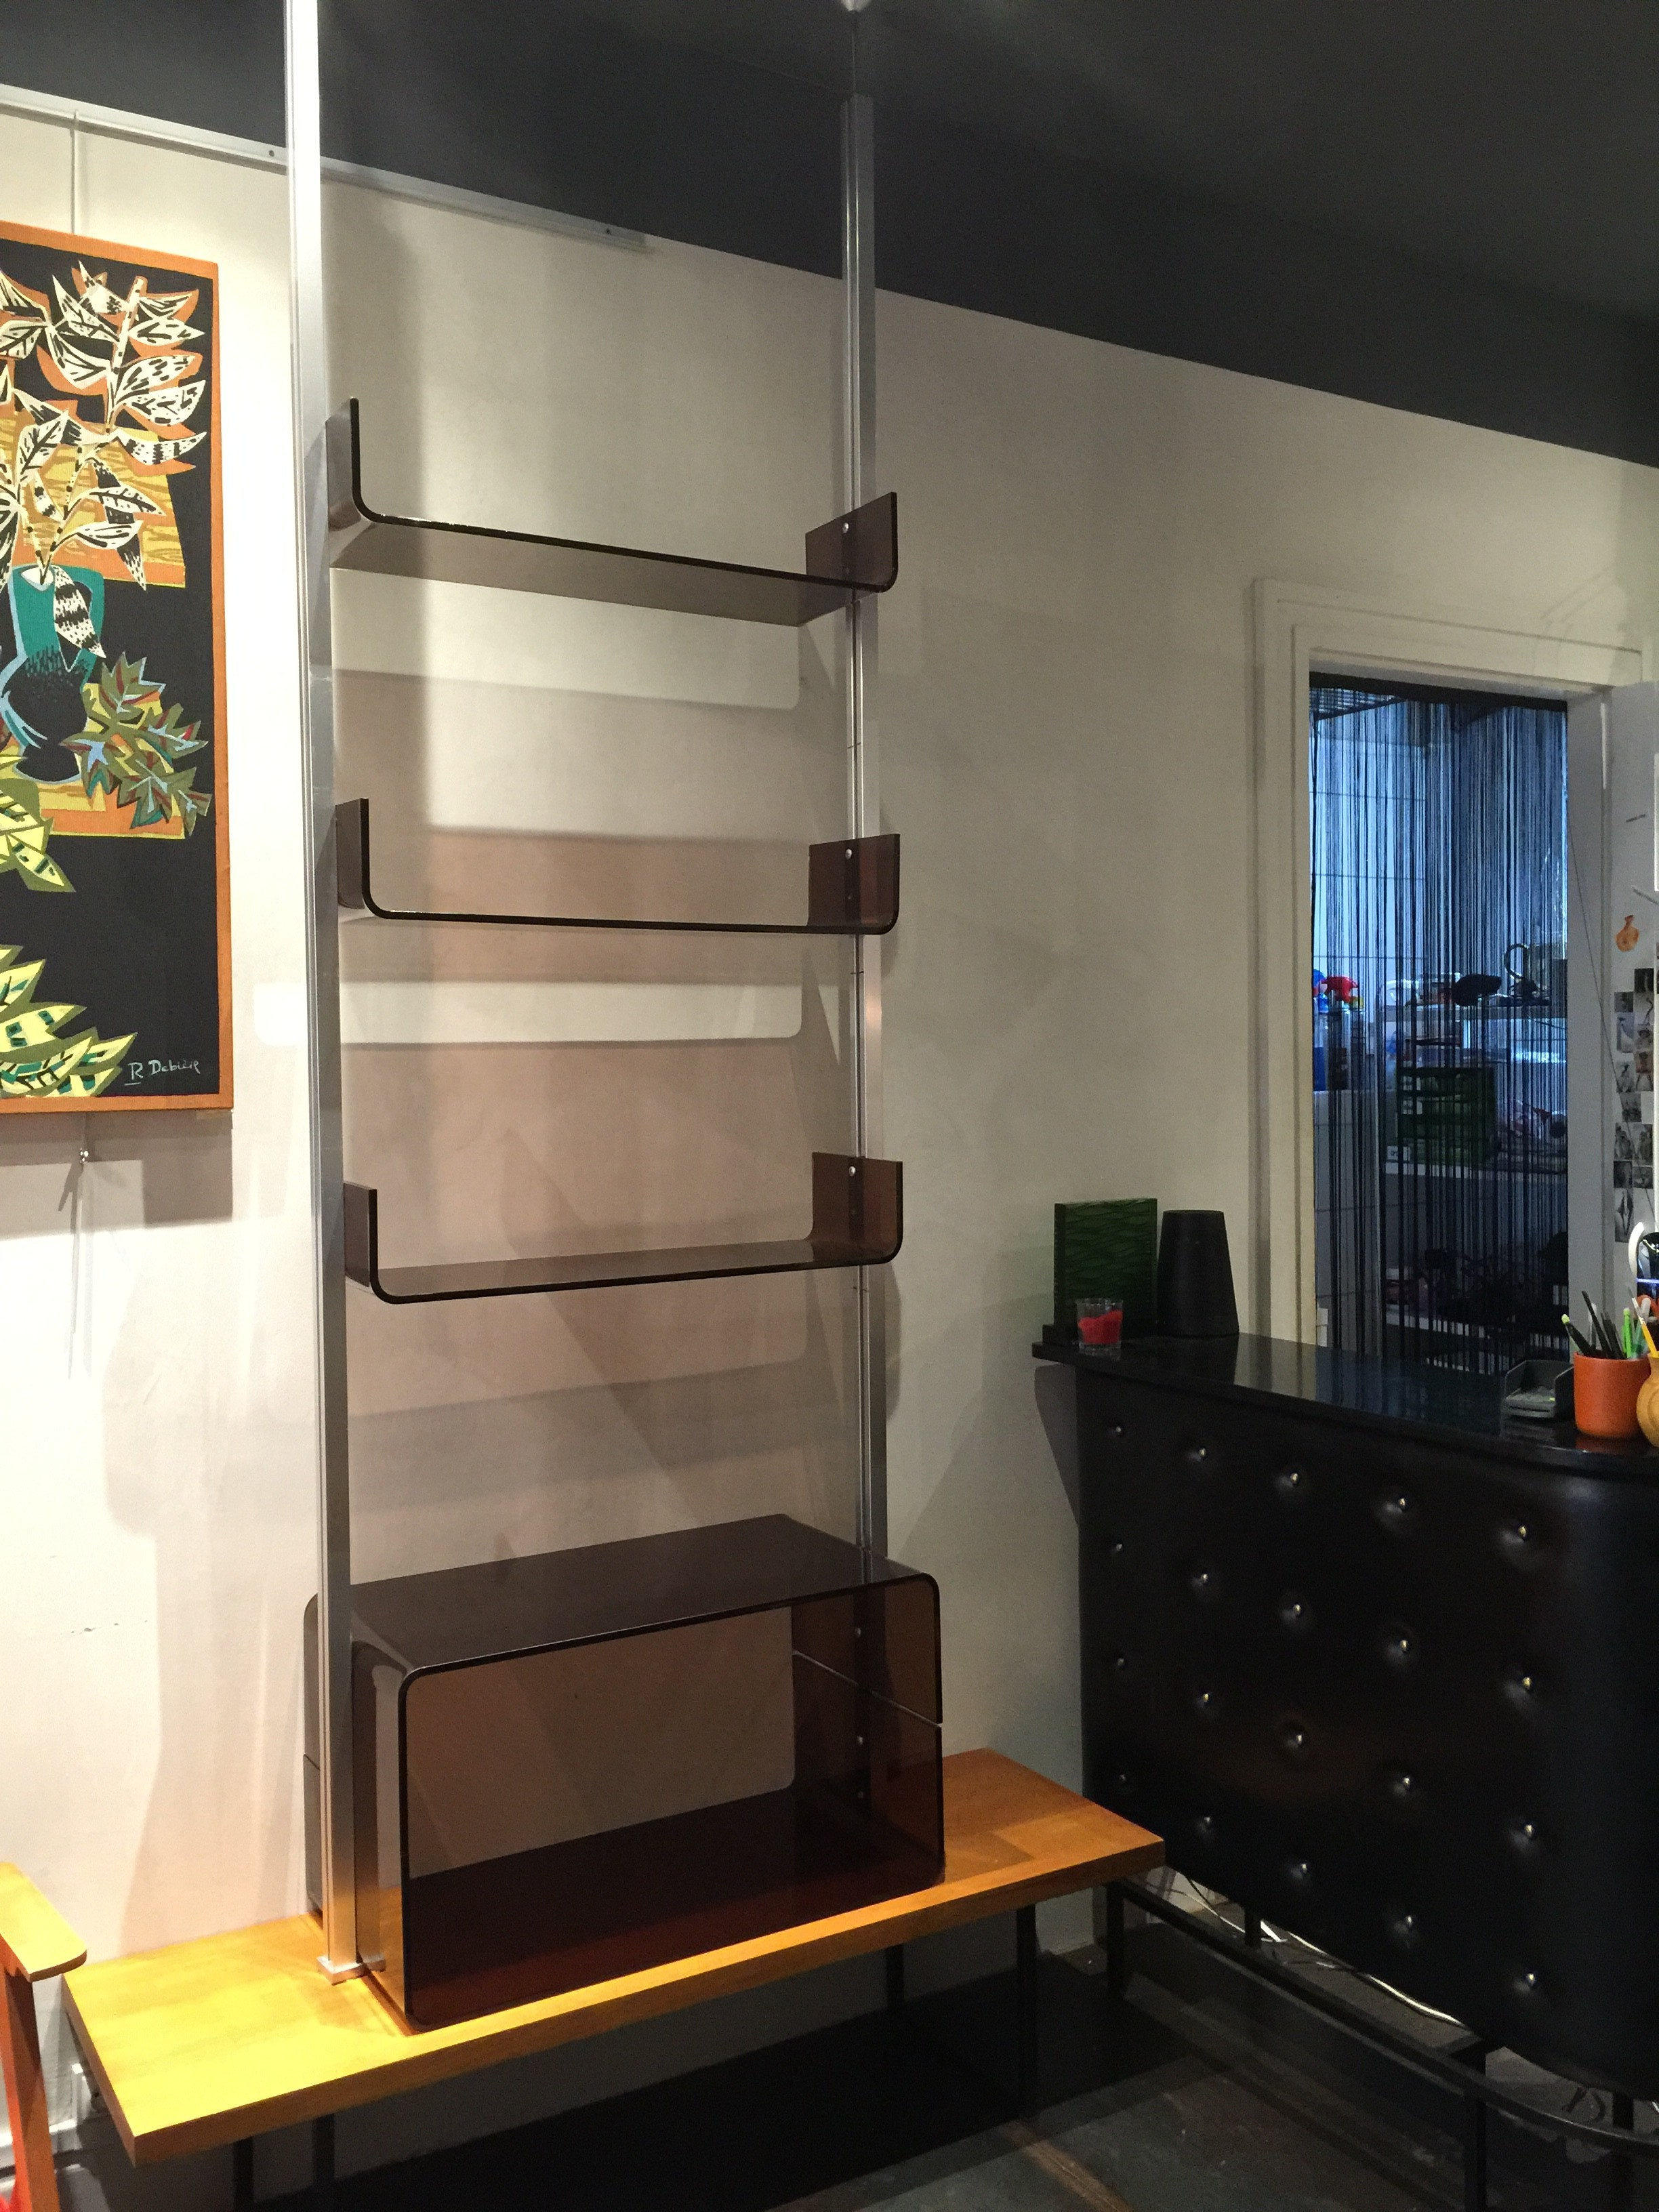 La Roche Bobois Bookcase In Smoked Plexiglass 1970s Design Market # Etagere Vintage Plexiglas